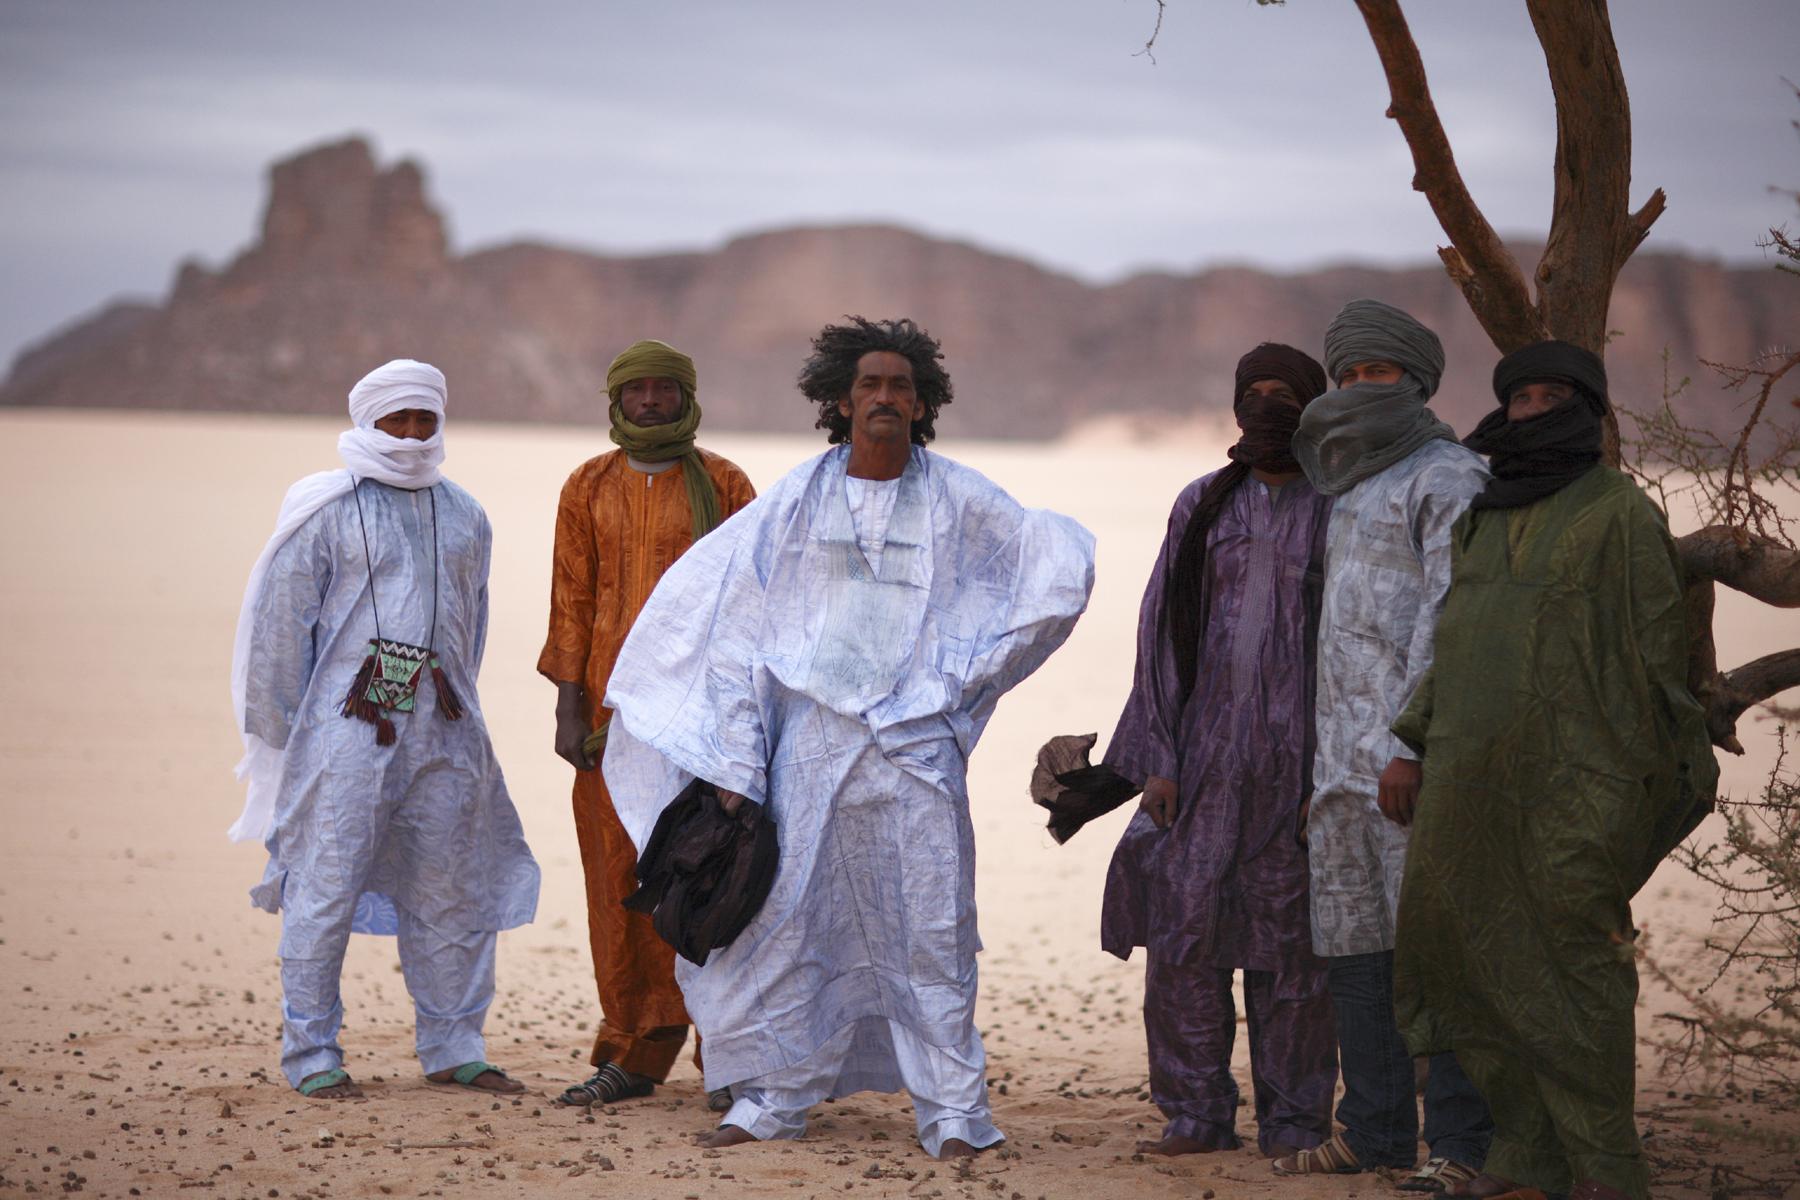 Tinariwen announce new tour dates.